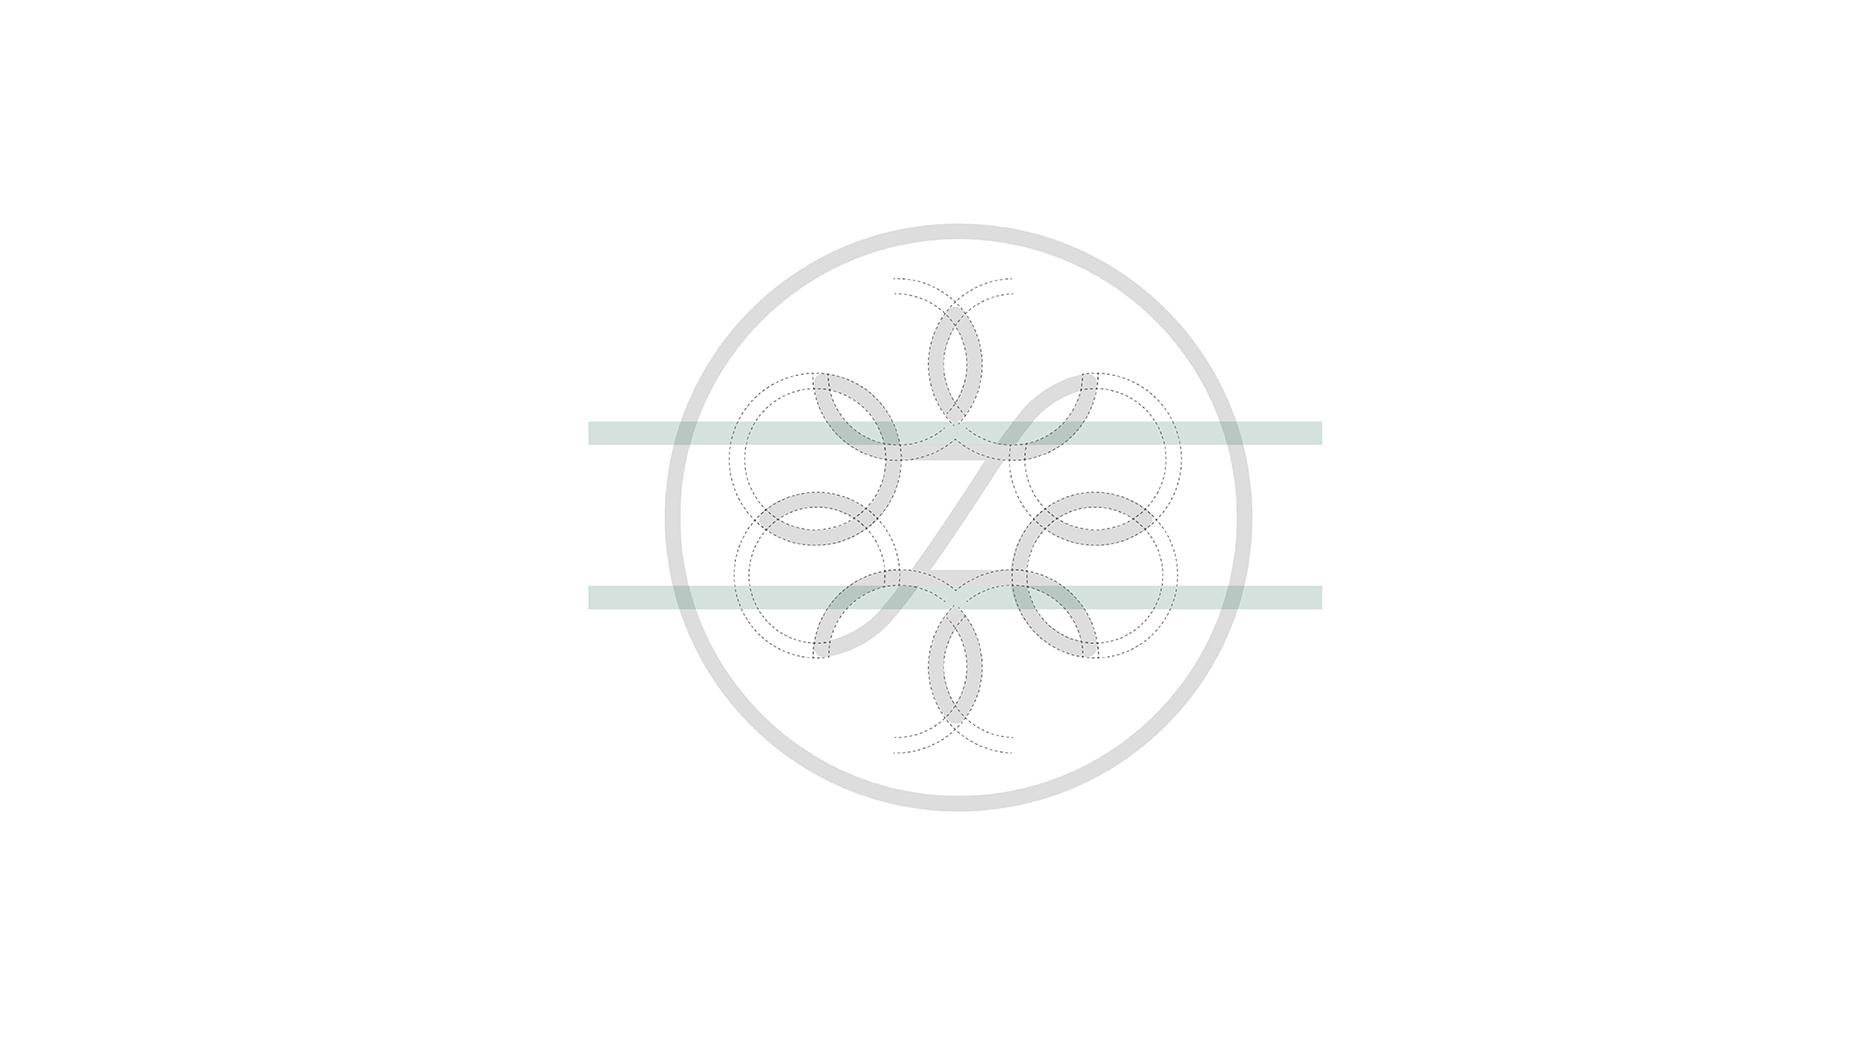 真研美学品牌全案升级:logo